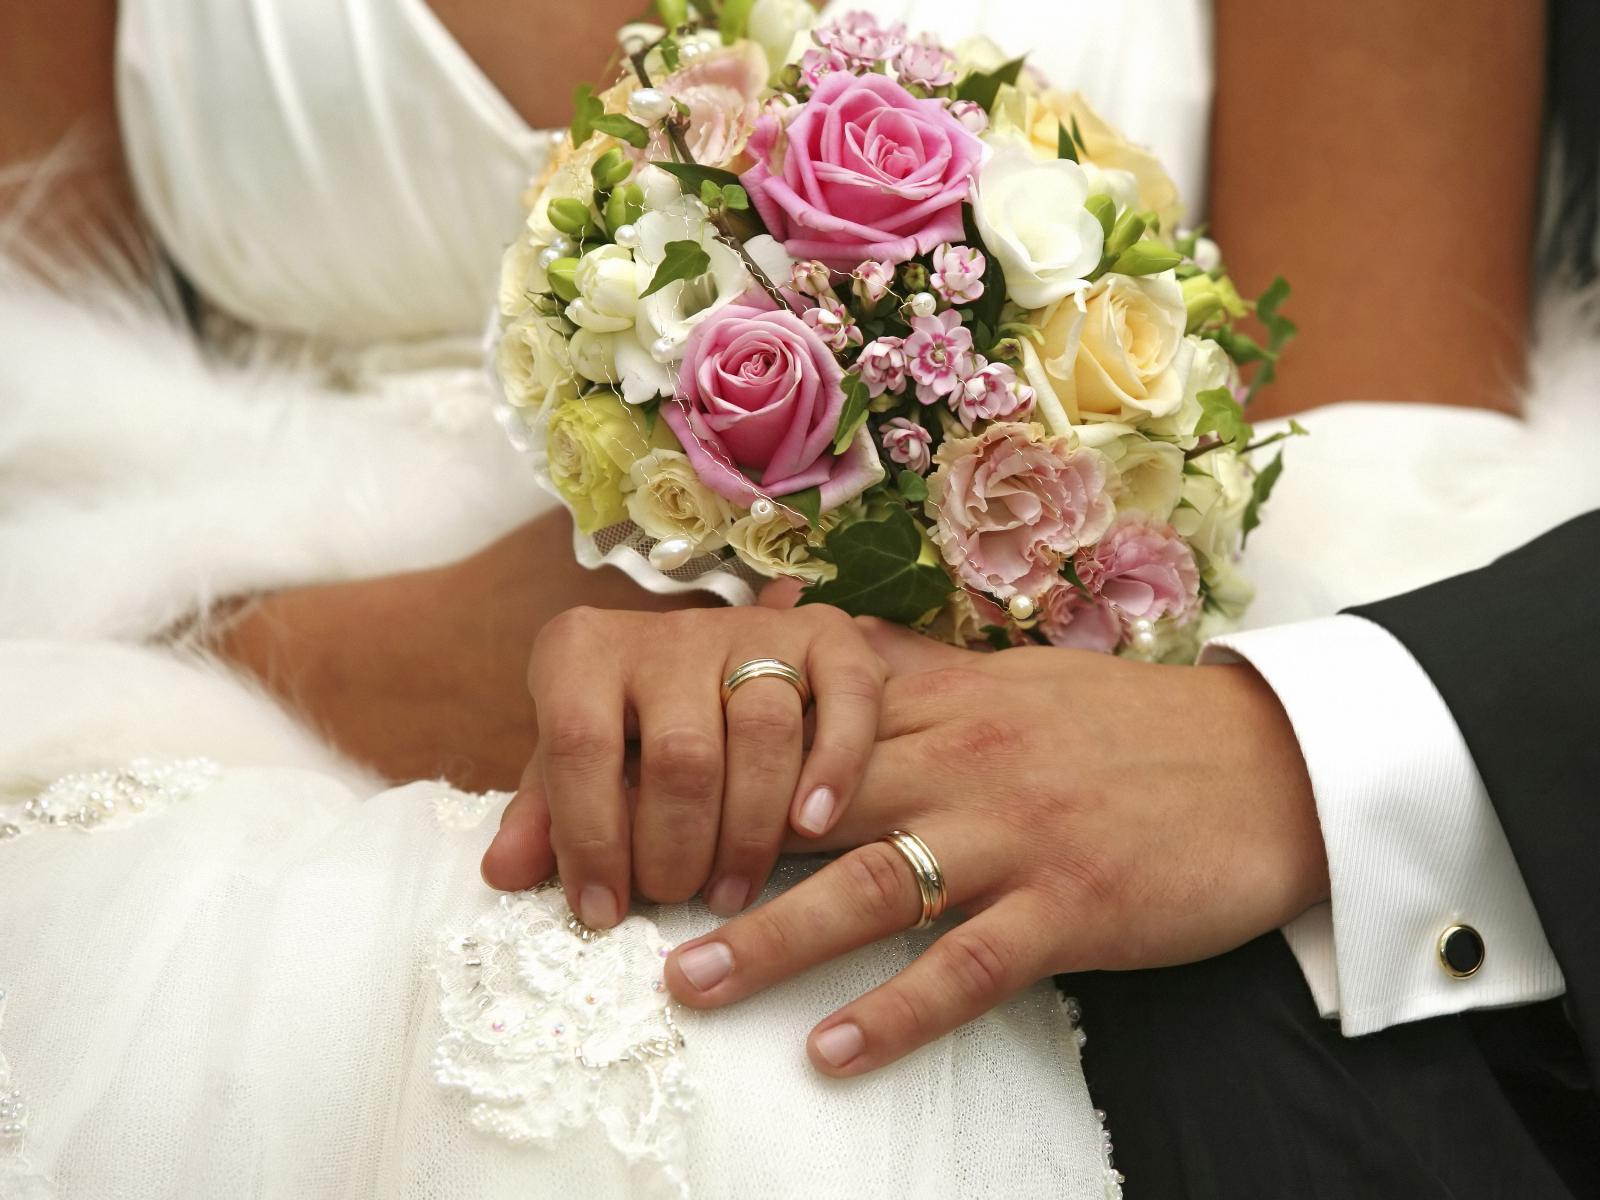 Крымчанам в Украине разрешили жениться за один день